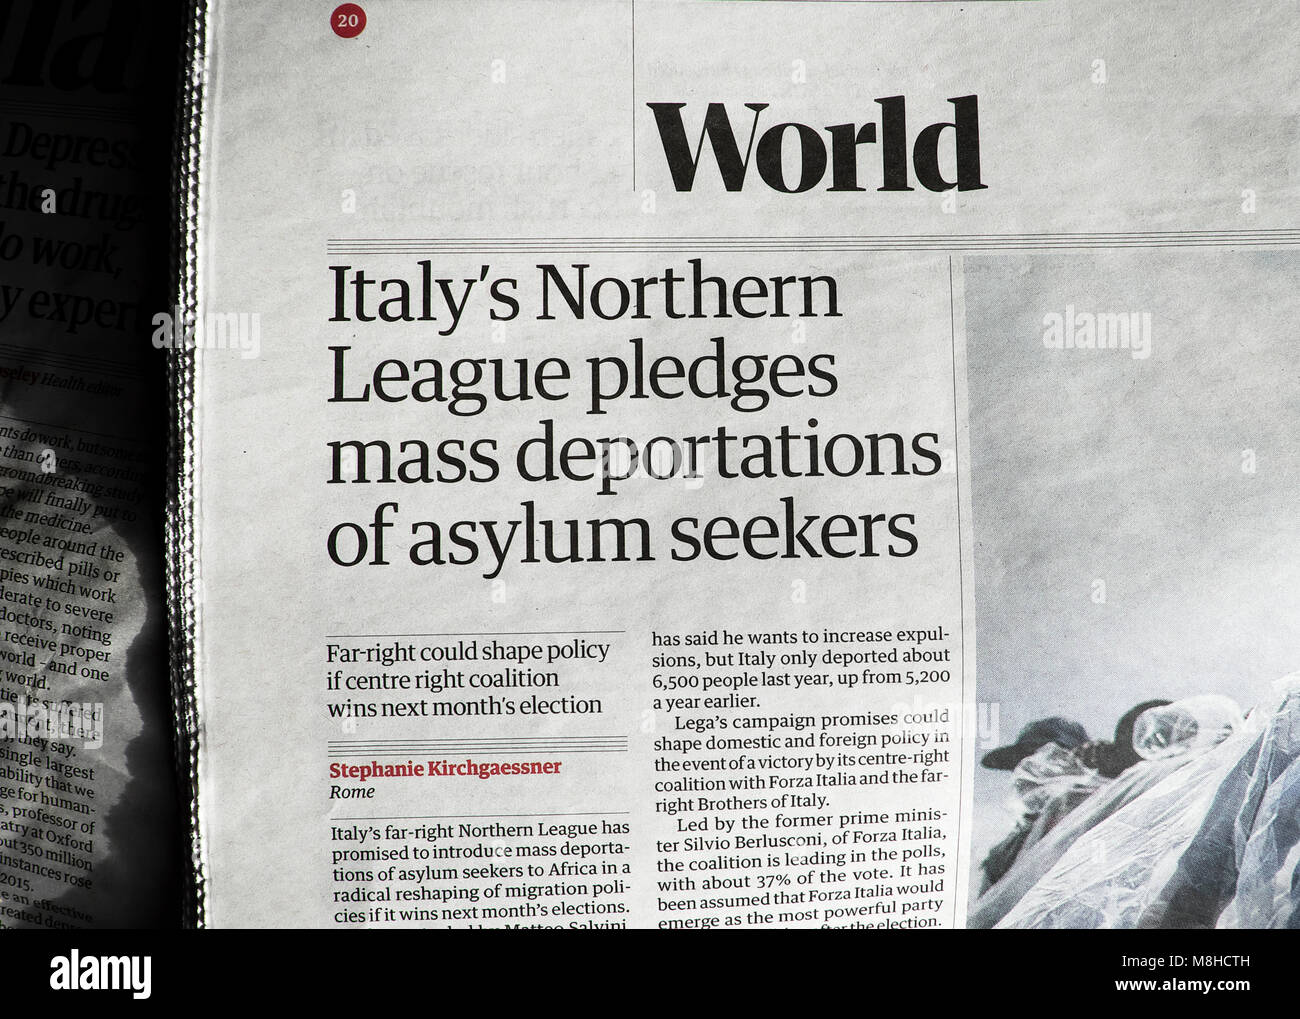 Uk Asylum Seekers Stock Photos & Uk Asylum Seekers Stock Images - Alamy